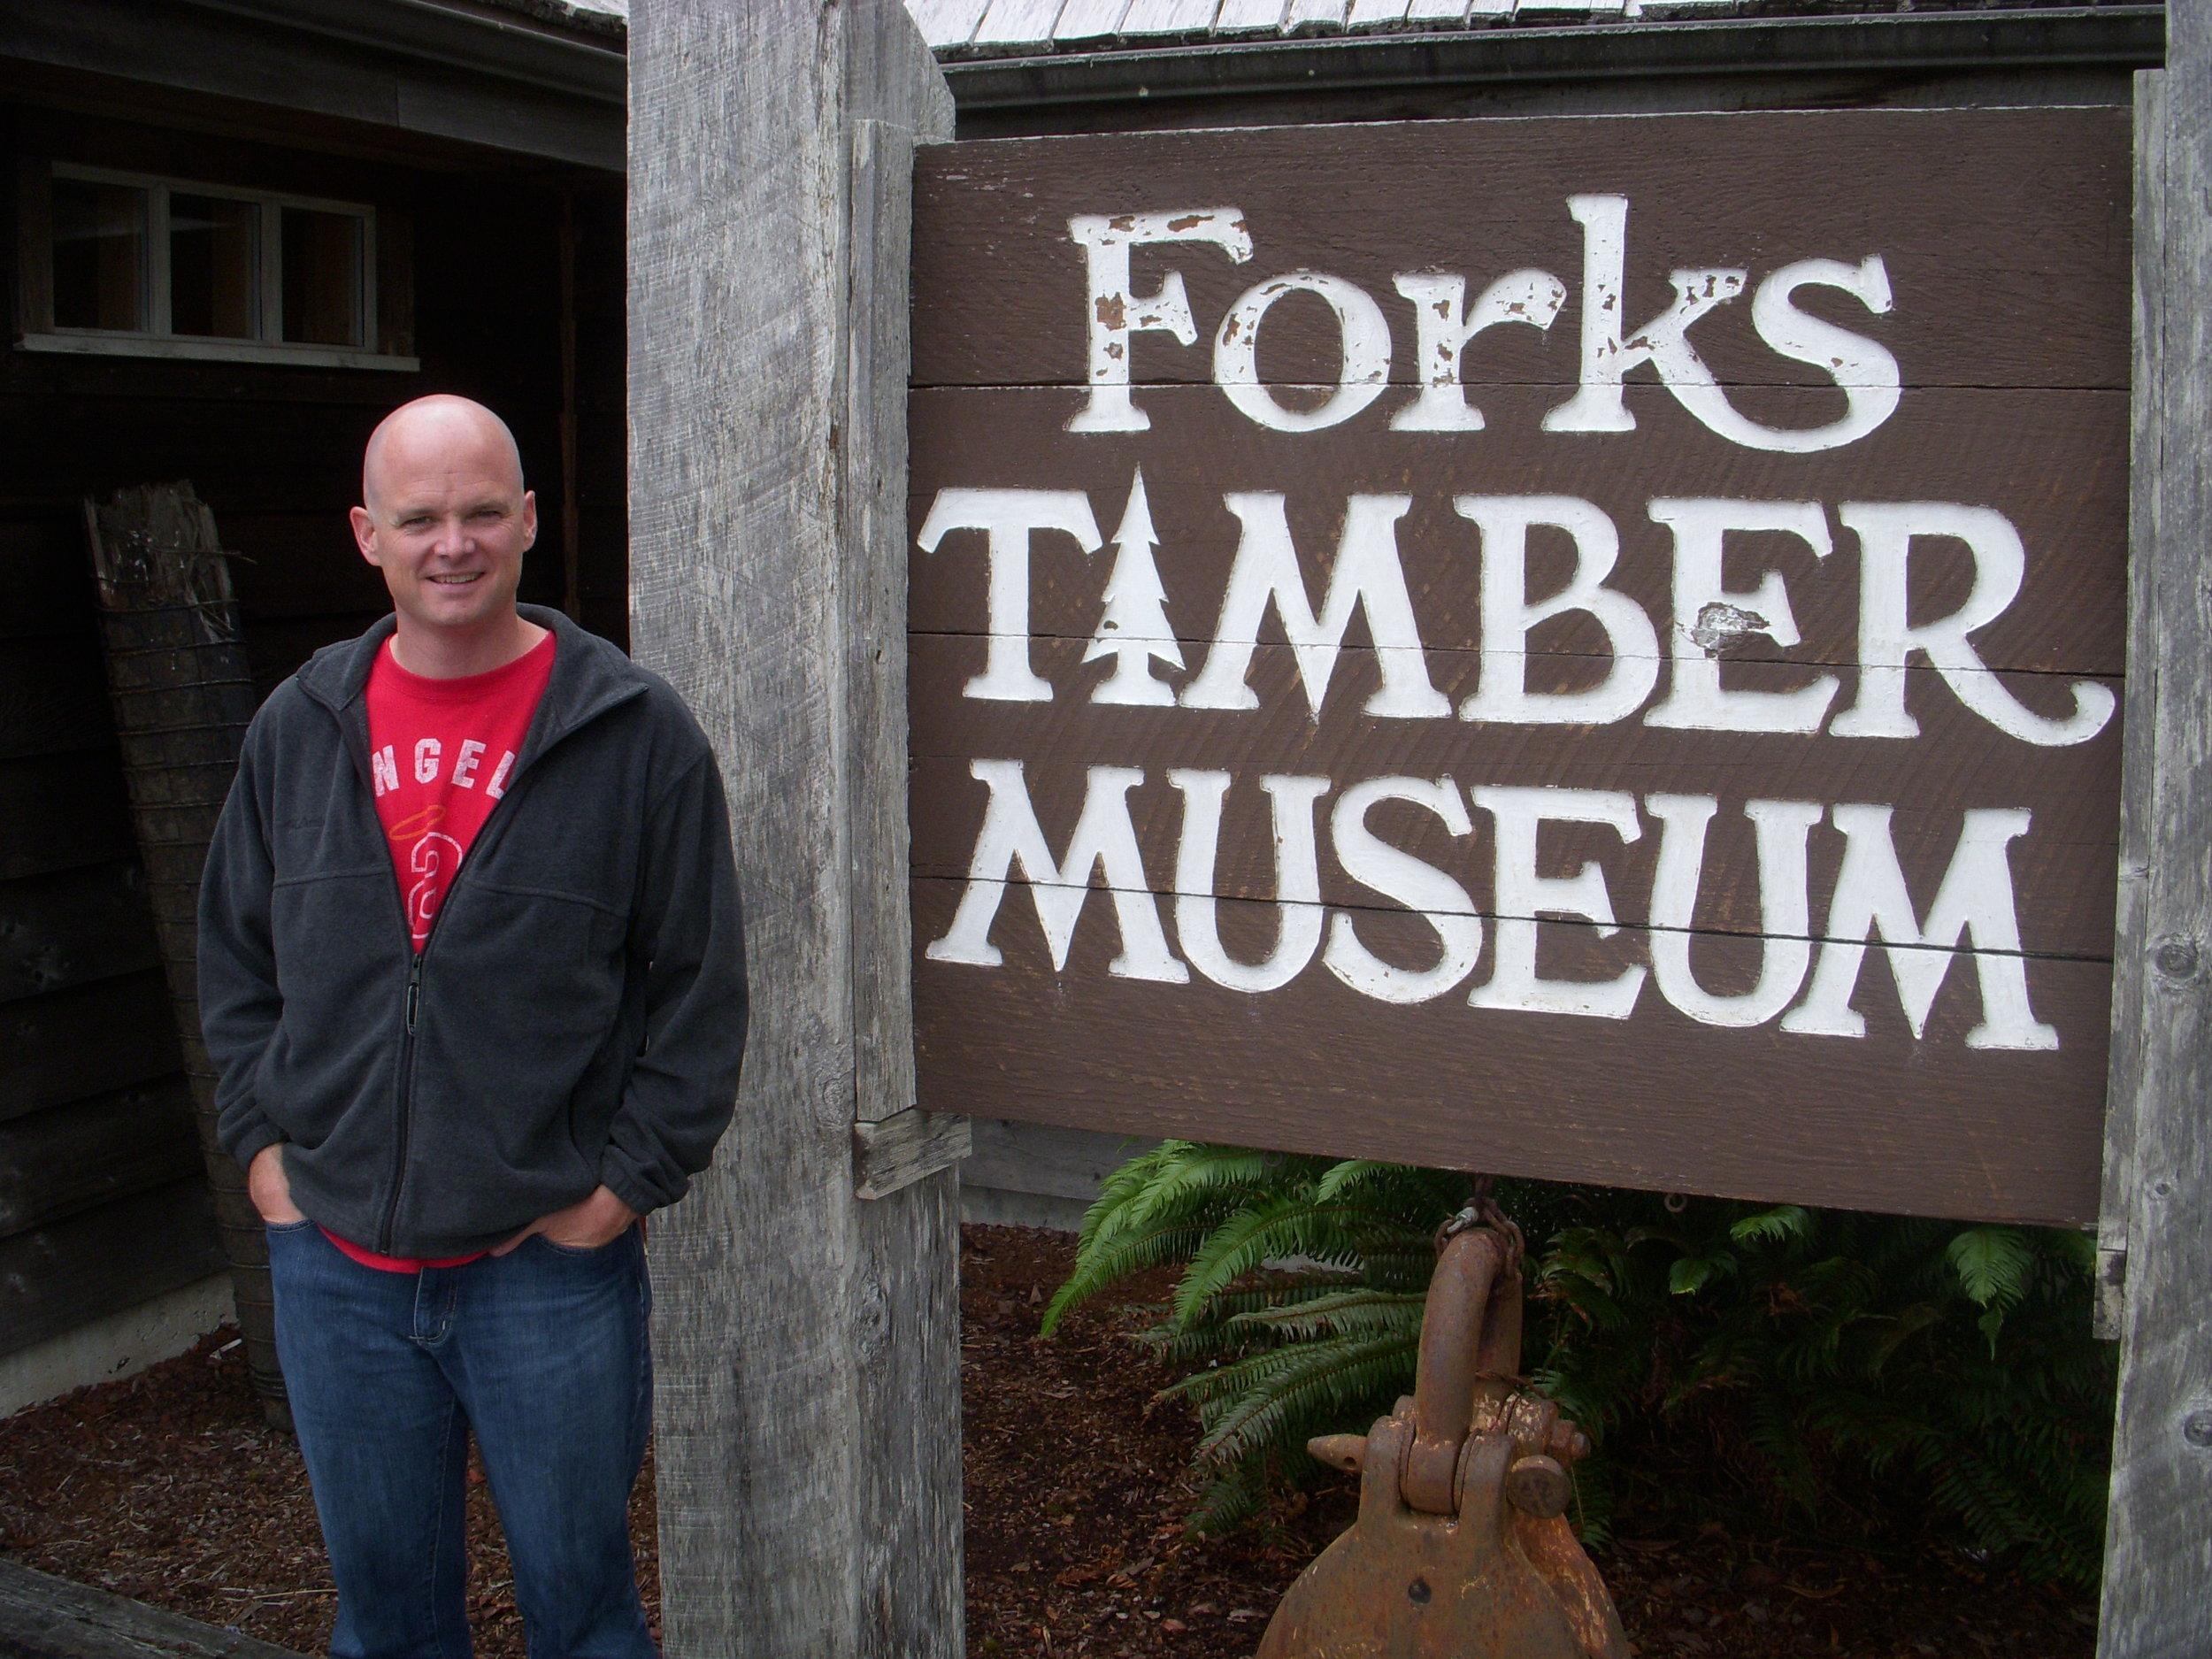 Timber museum